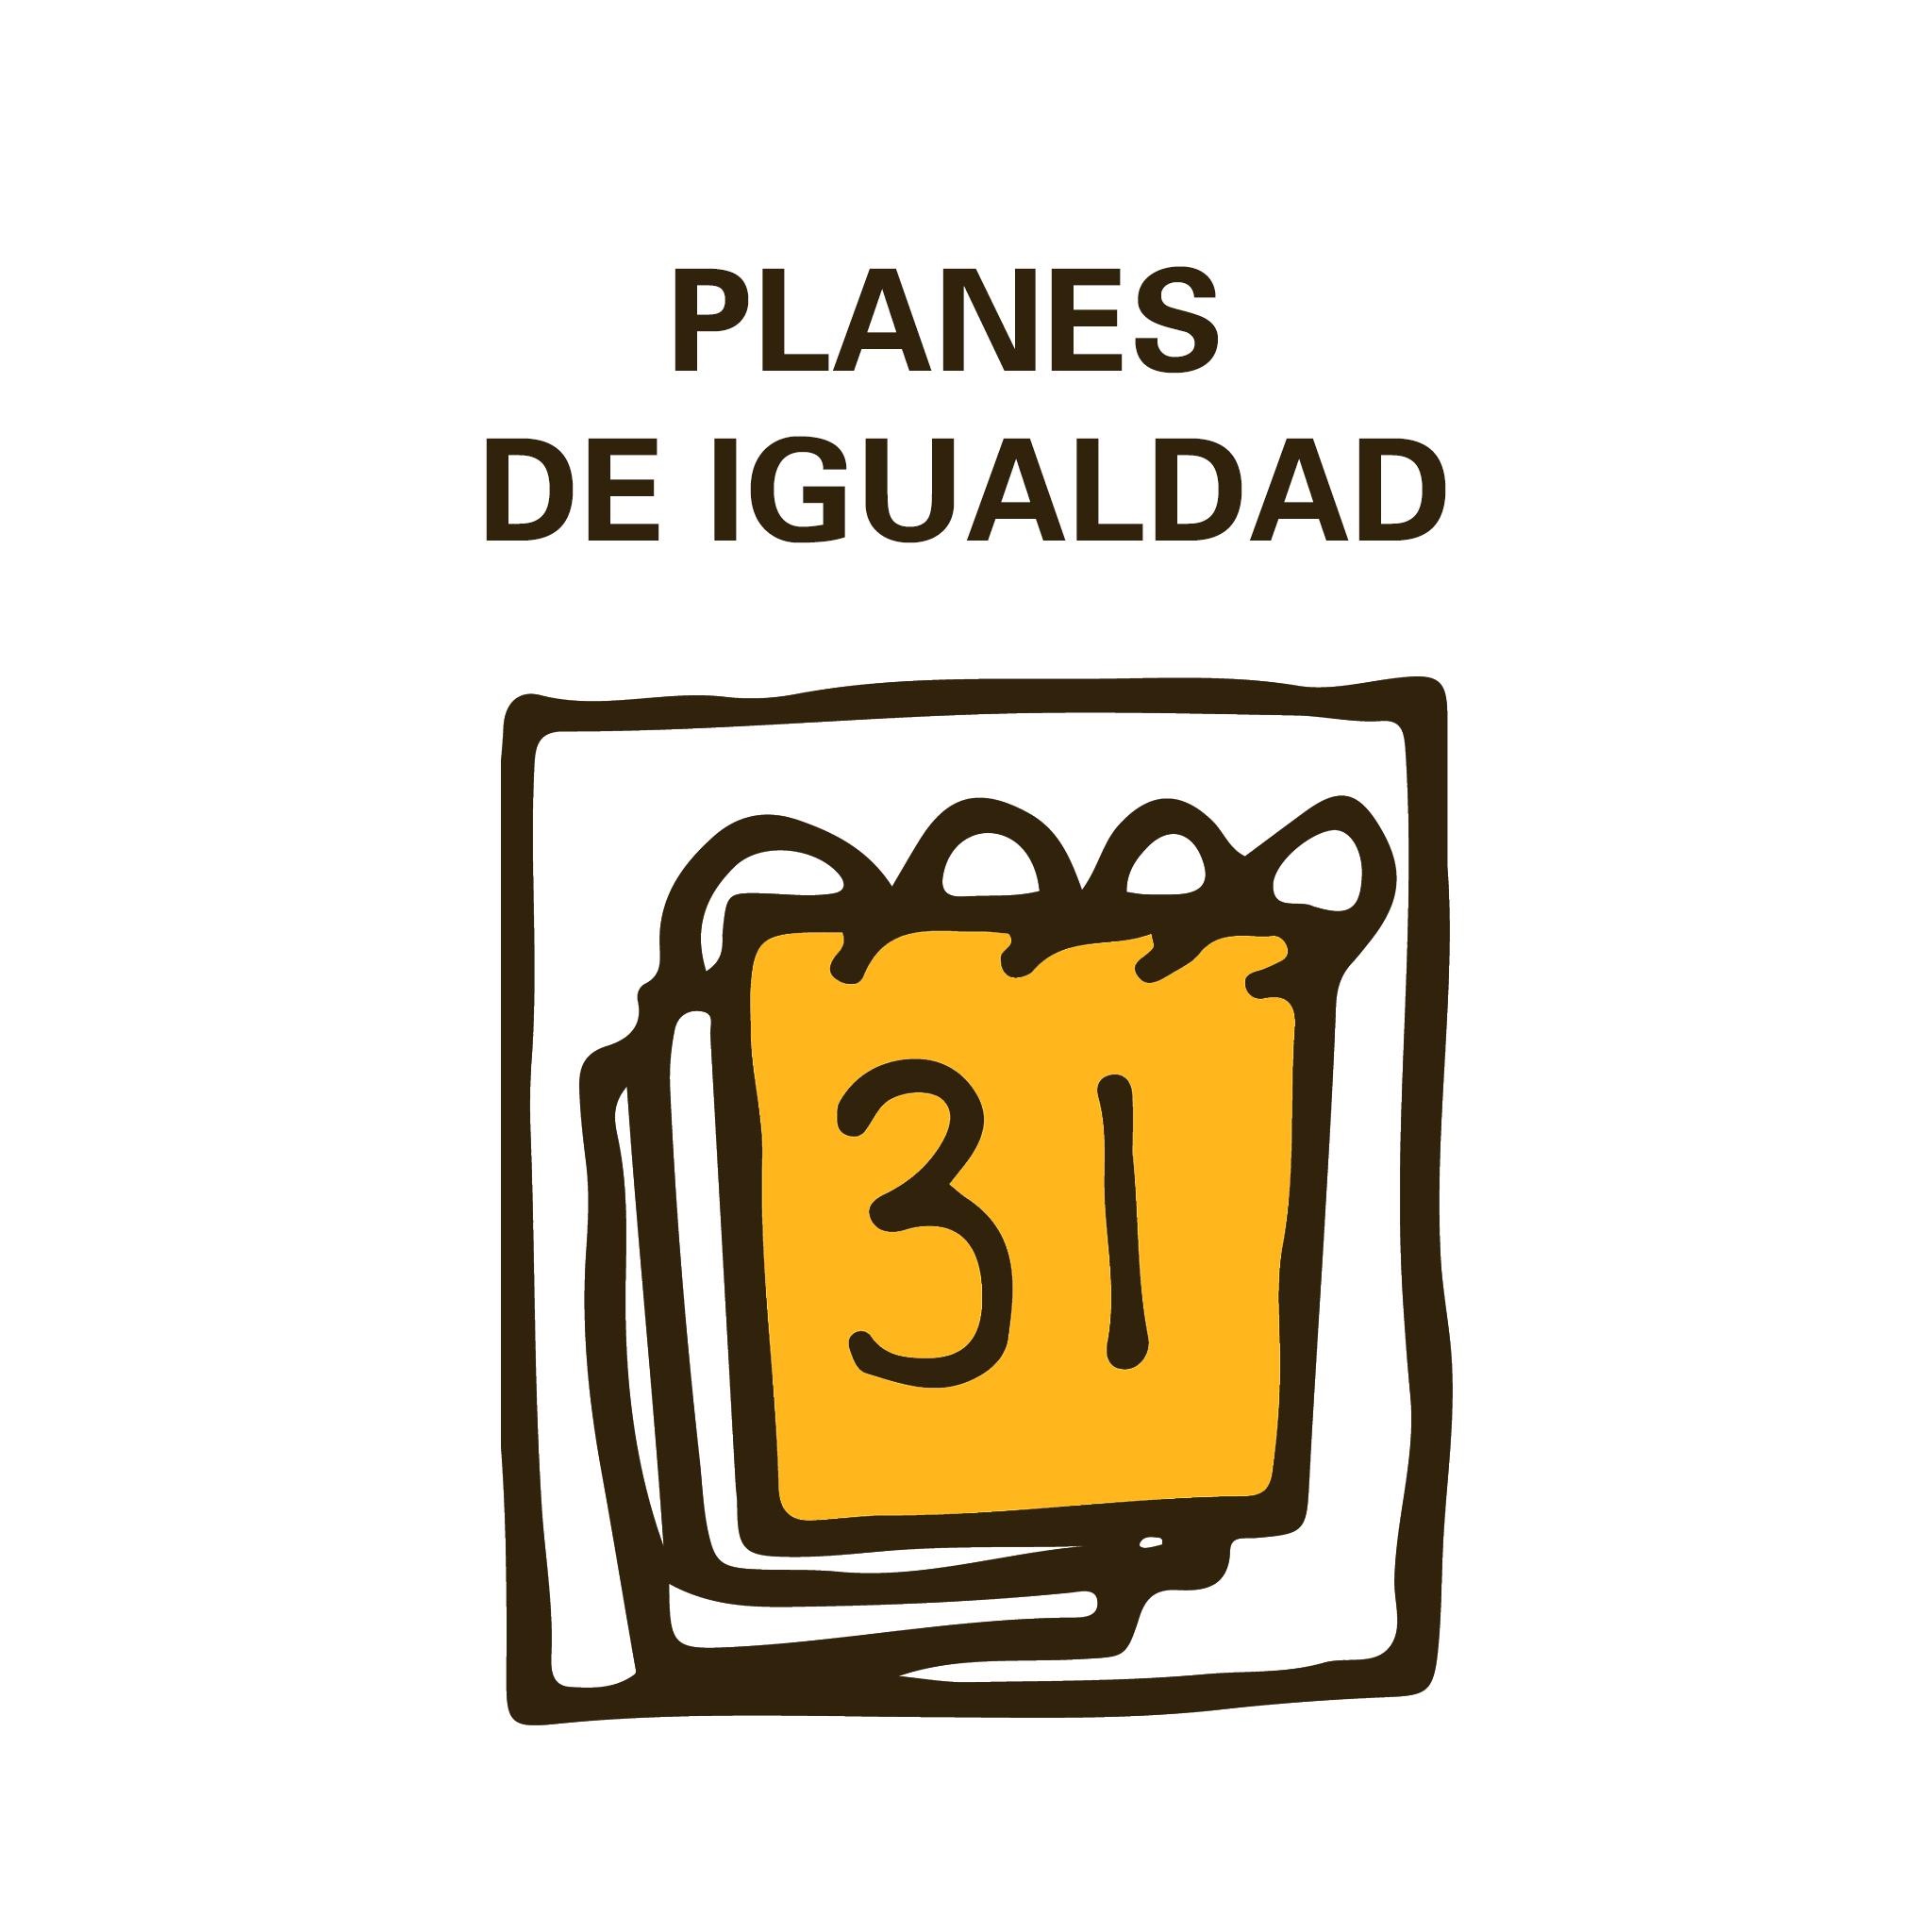 imagen de un calendario y el texto planes de igualdad